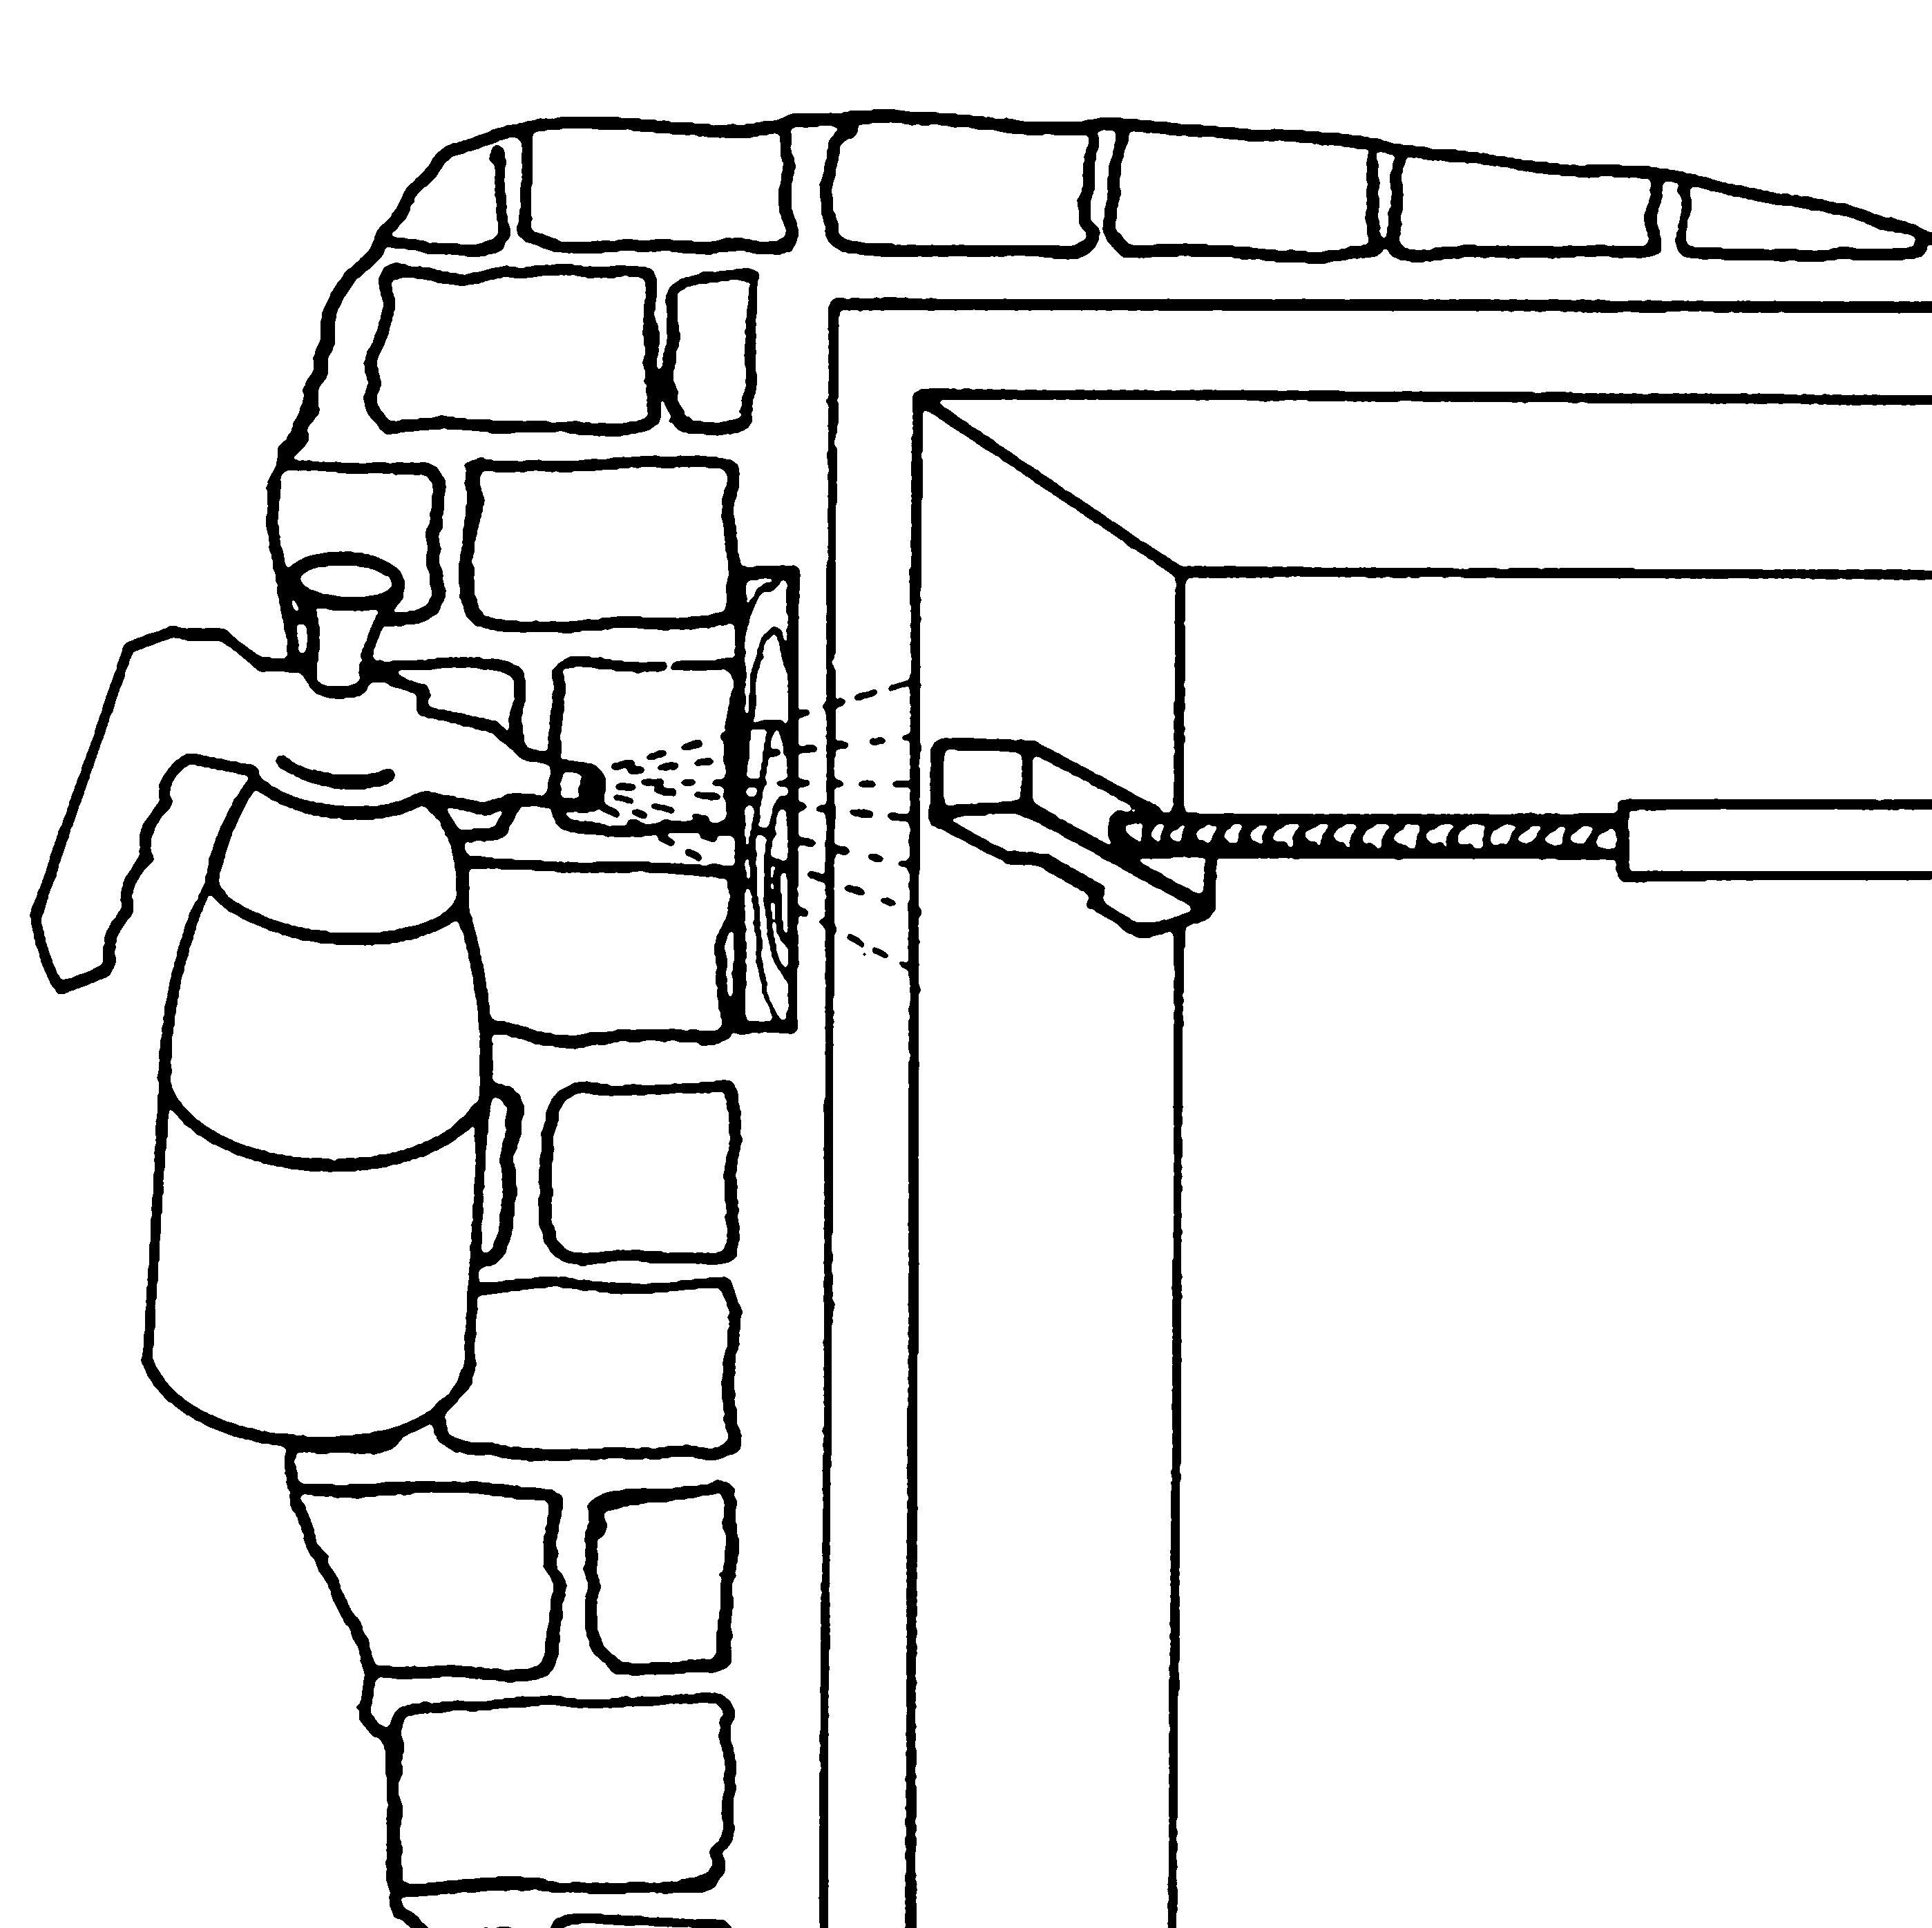 Come Utilizzare La Schiuma Poliuretanica Per Il Montaggio Delle